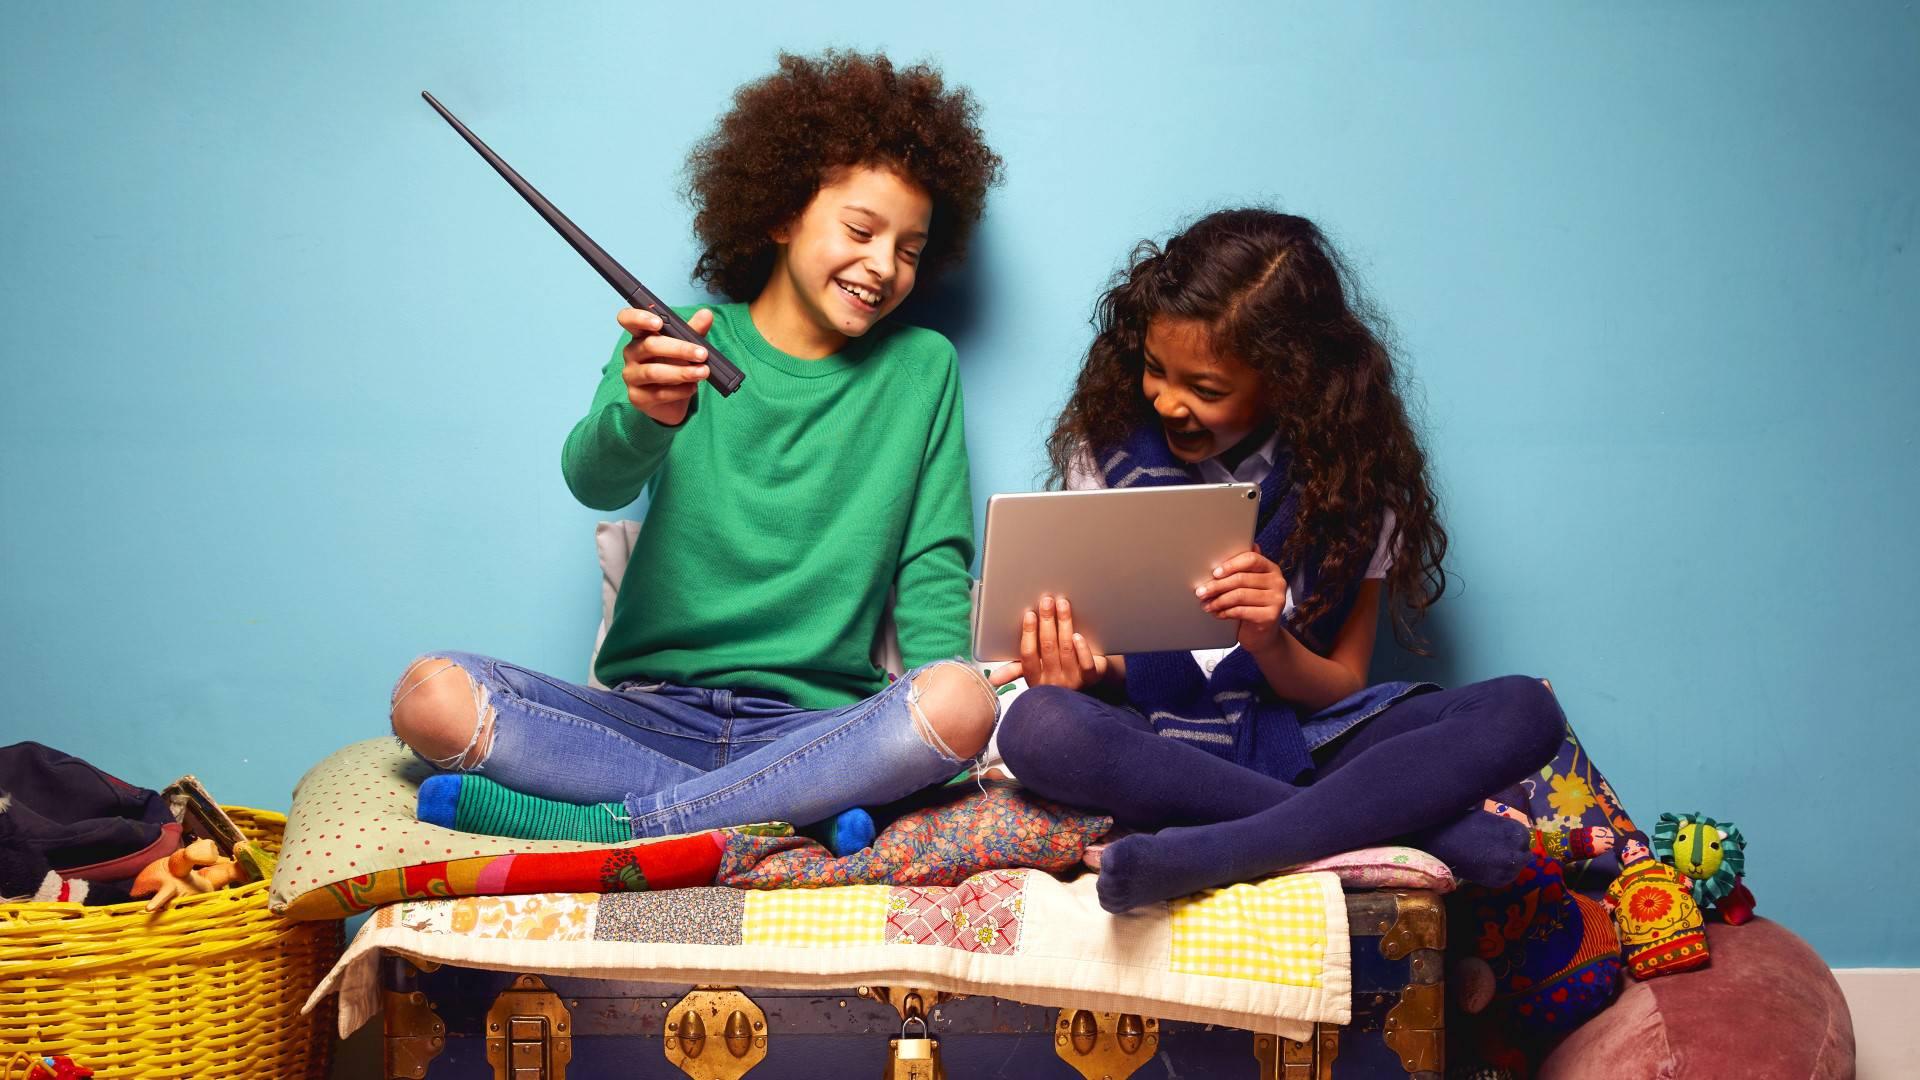 Čarobni štapić Harryja Pottera mališane sada uči programirati